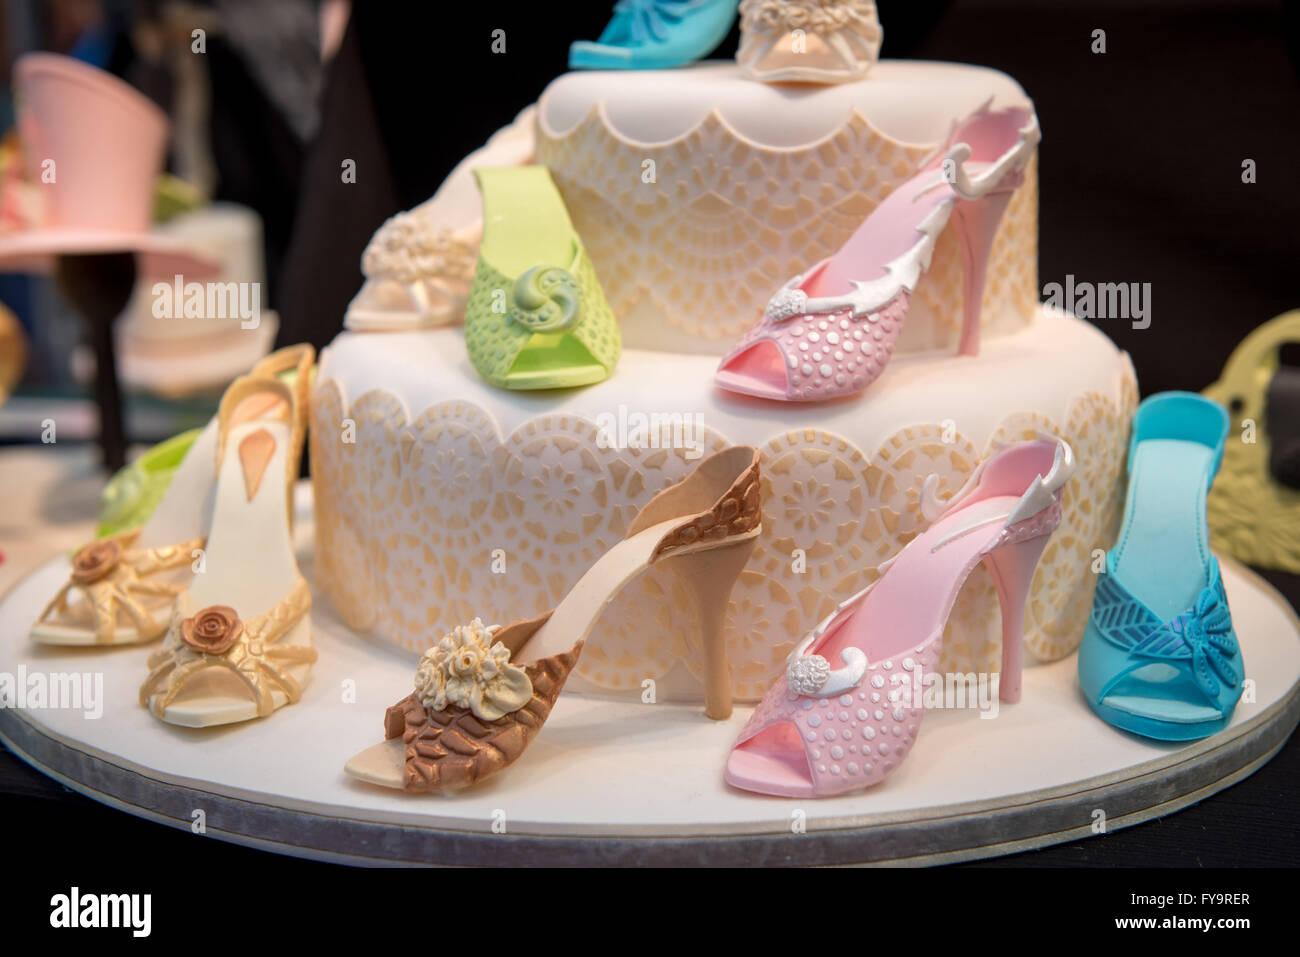 Essbare Hochhackige Schuhe Geburtstag Kuchen Dekor Kuchen